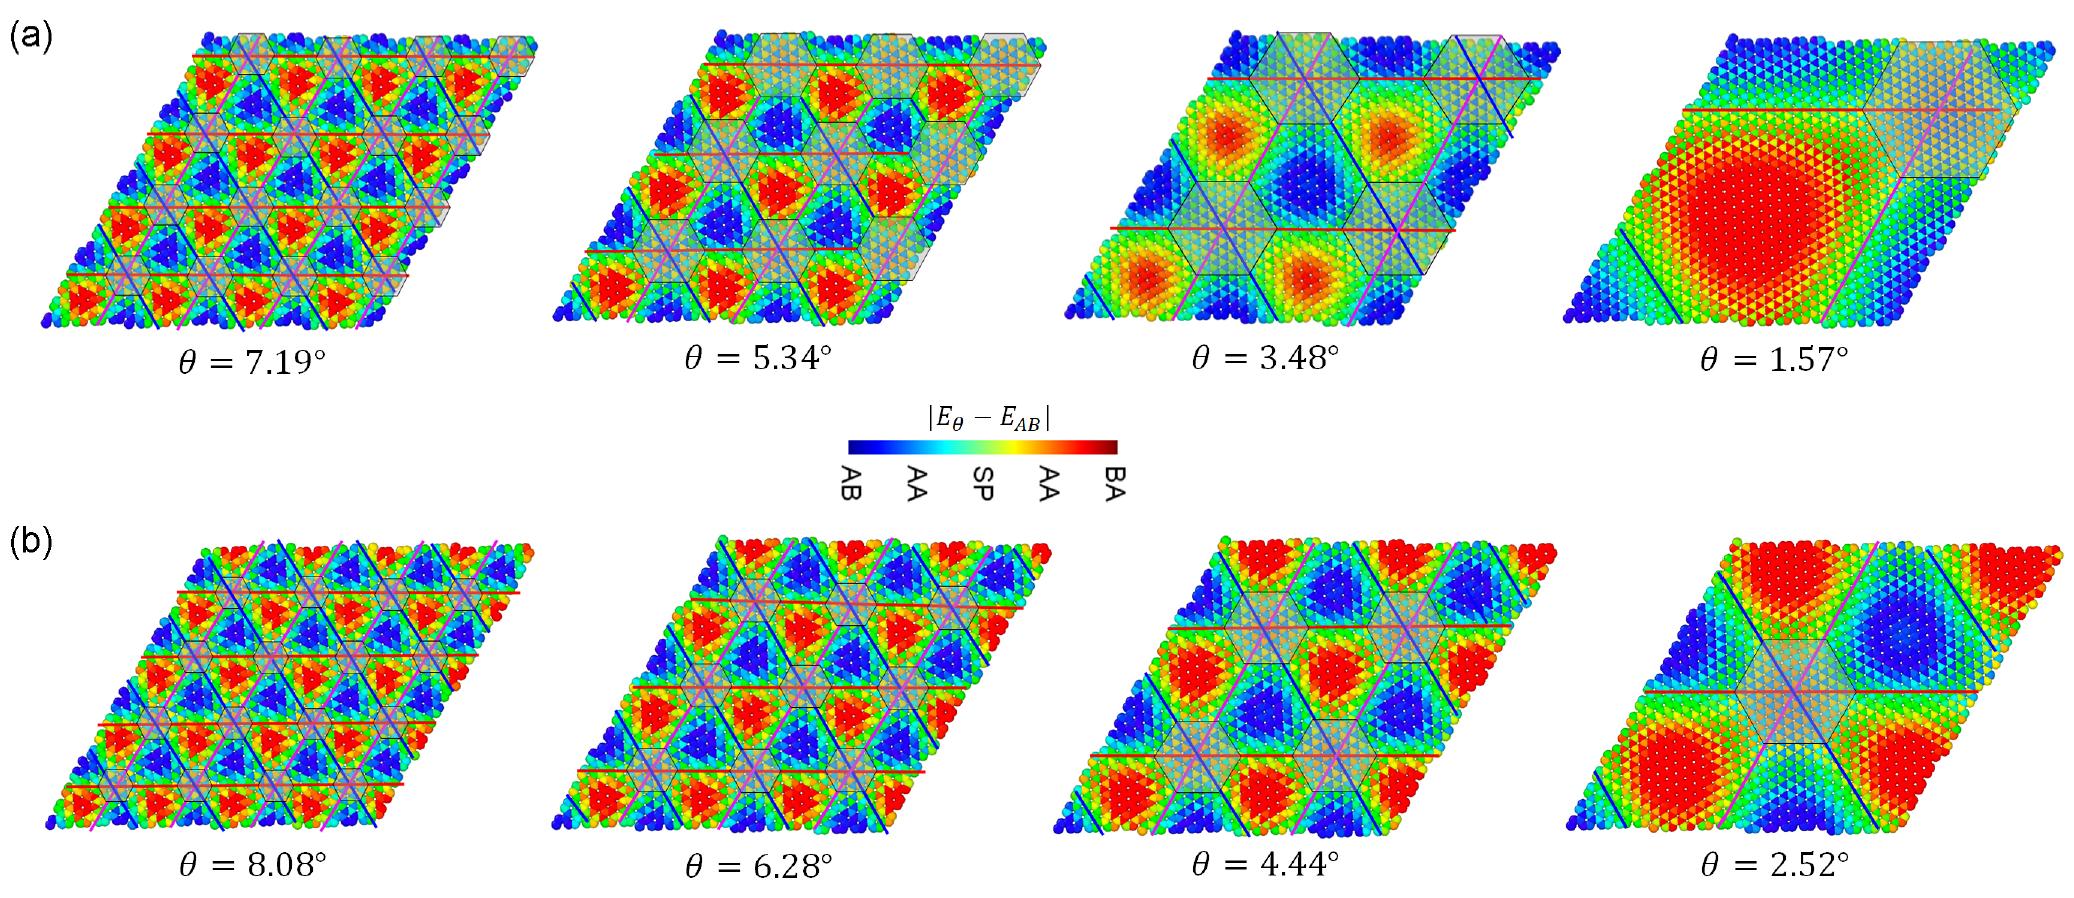 Кручу-верчу, запутать хочу: манипуляции с двухслойным графеном - 7